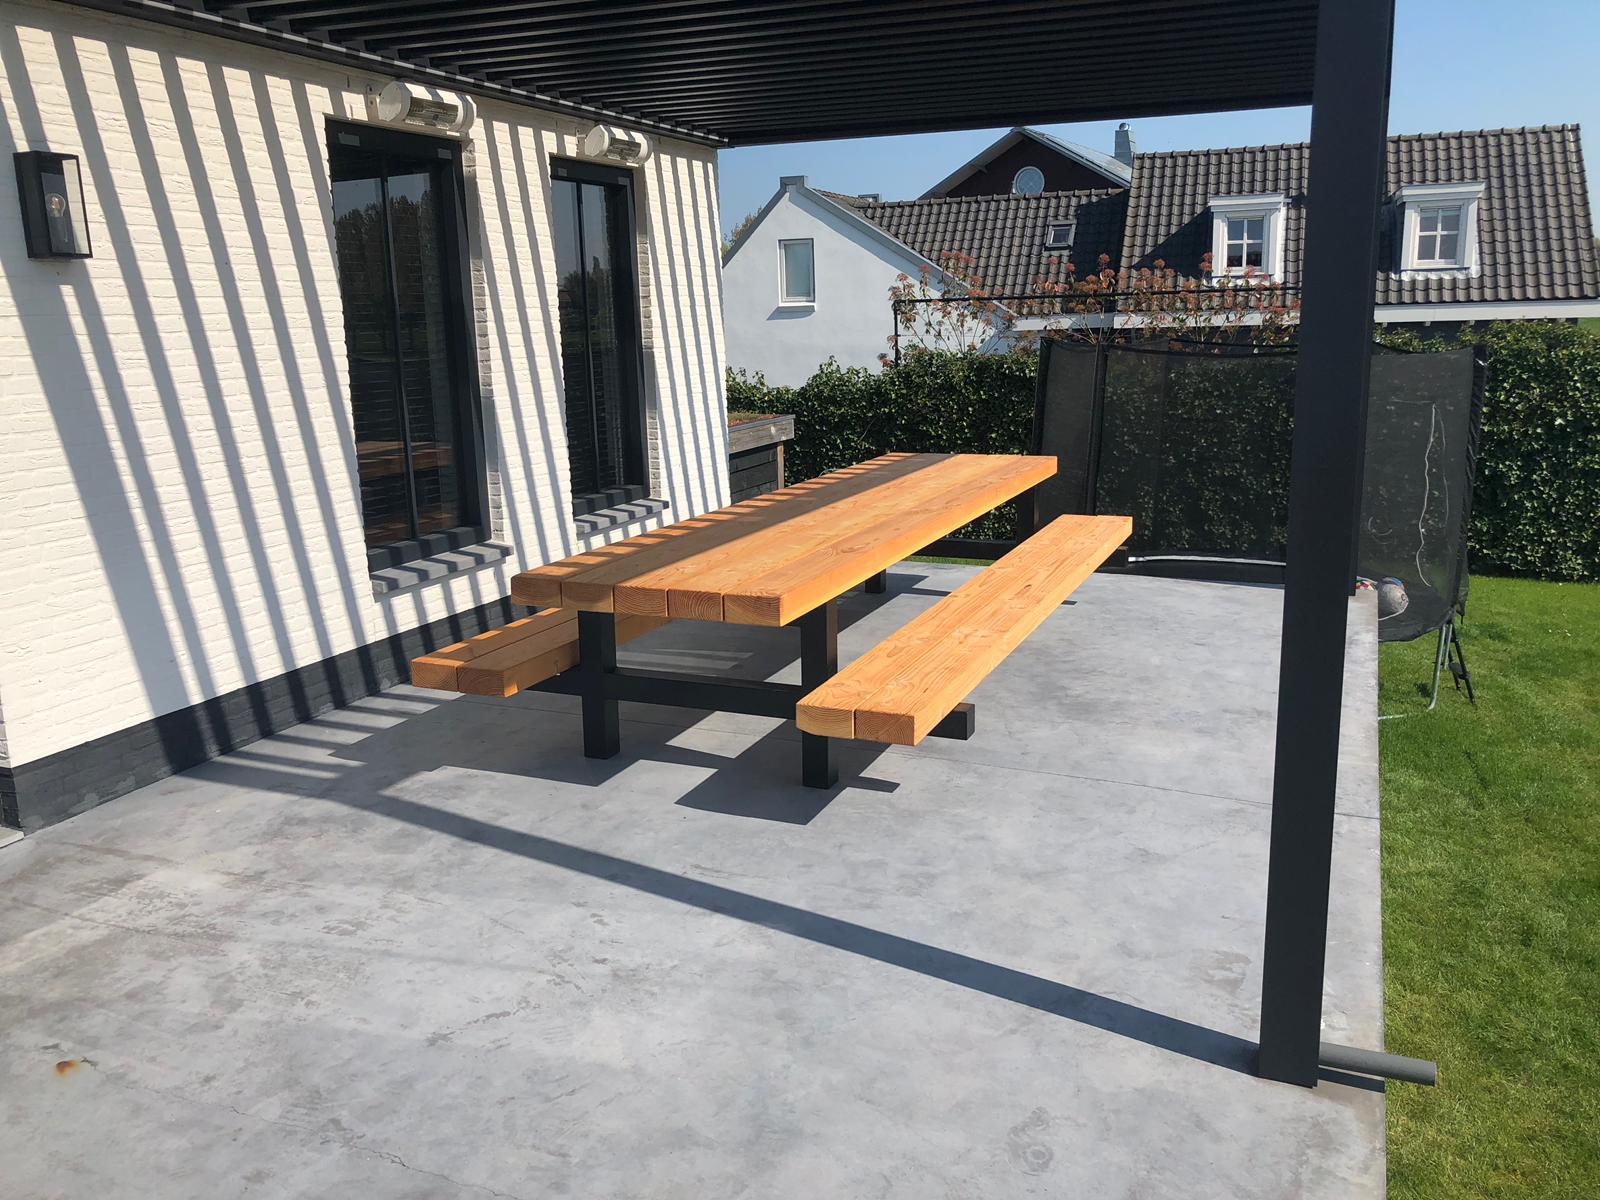 Buitentafel Picknicktafel van 4 meter